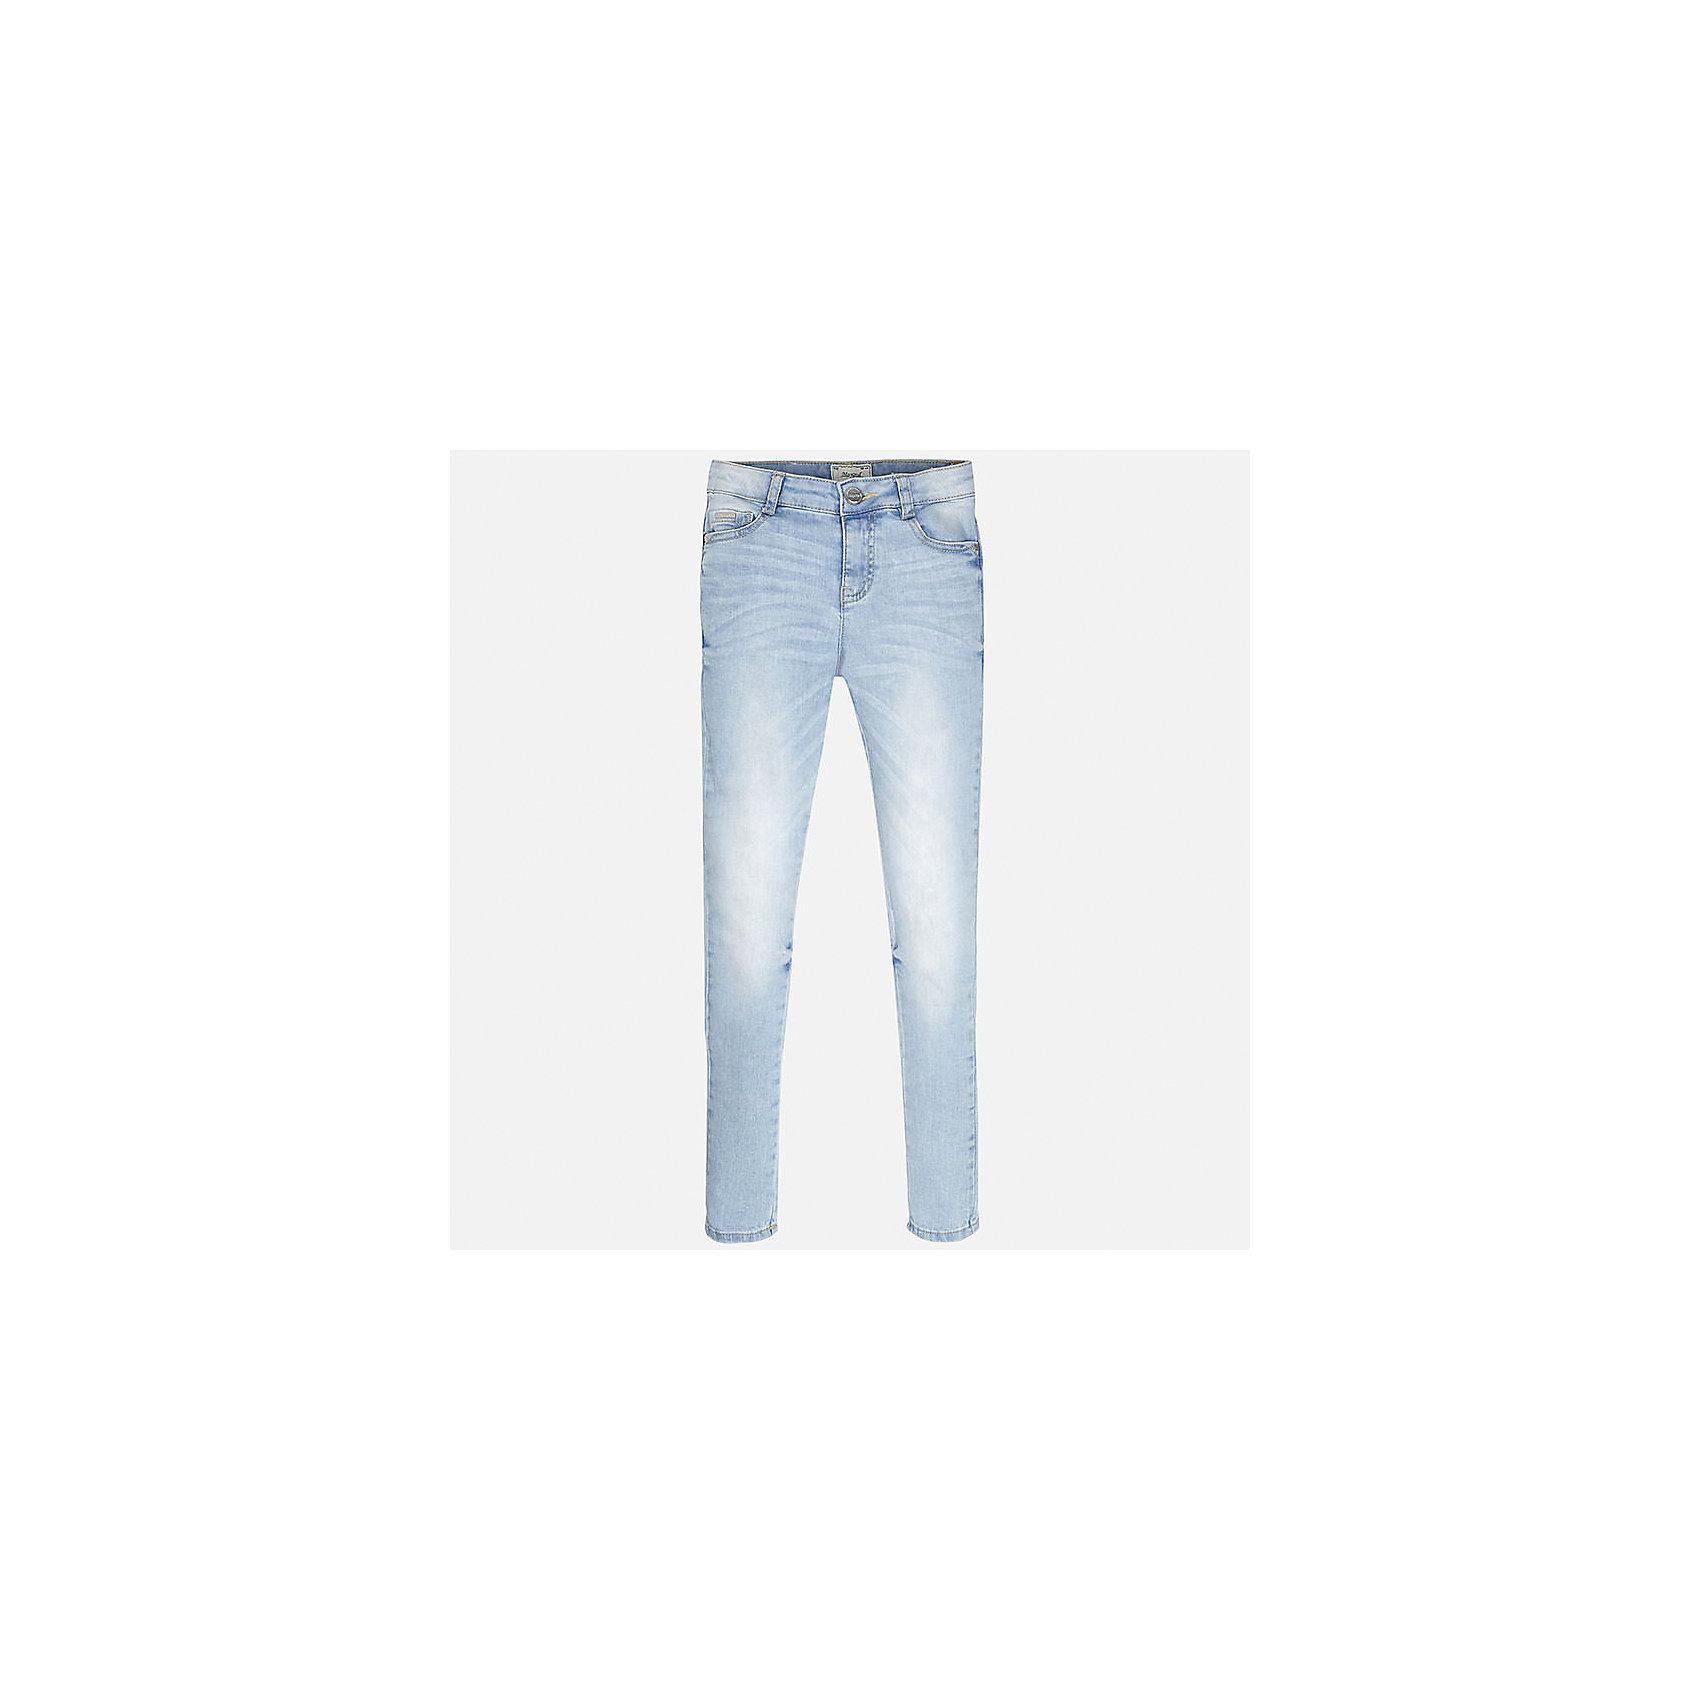 Джинсы для девочки MayoralДжинсовая одежда<br>Характеристики товара:<br><br>• цвет: голубой<br>• состав: 98% хлопок, 2% эластан<br>• эффект потертости<br>• карманы<br>• пояс с регулировкой объема<br>• шлевки<br>• страна бренда: Испания<br><br>Стильные джинсы для девочки смогут разнообразить гардероб ребенка и украсить наряд. Они отлично сочетаются с майками, футболками, блузками. Красивый оттенок позволяет подобрать к вещи верх разных расцветок. Интересный крой модели делает её нарядной и оригинальной. В составе материала - натуральный хлопок, гипоаллергенный, приятный на ощупь, дышащий.<br><br>Одежда, обувь и аксессуары от испанского бренда Mayoral полюбились детям и взрослым по всему миру. Модели этой марки - стильные и удобные. Для их производства используются только безопасные, качественные материалы и фурнитура. Порадуйте ребенка модными и красивыми вещами от Mayoral! <br><br>Джинсы для девочки от испанского бренда Mayoral (Майорал) можно купить в нашем интернет-магазине.<br><br>Ширина мм: 215<br>Глубина мм: 88<br>Высота мм: 191<br>Вес г: 336<br>Цвет: голубой<br>Возраст от месяцев: 84<br>Возраст до месяцев: 96<br>Пол: Женский<br>Возраст: Детский<br>Размер: 128/134,170,140,152,158,164<br>SKU: 5288513